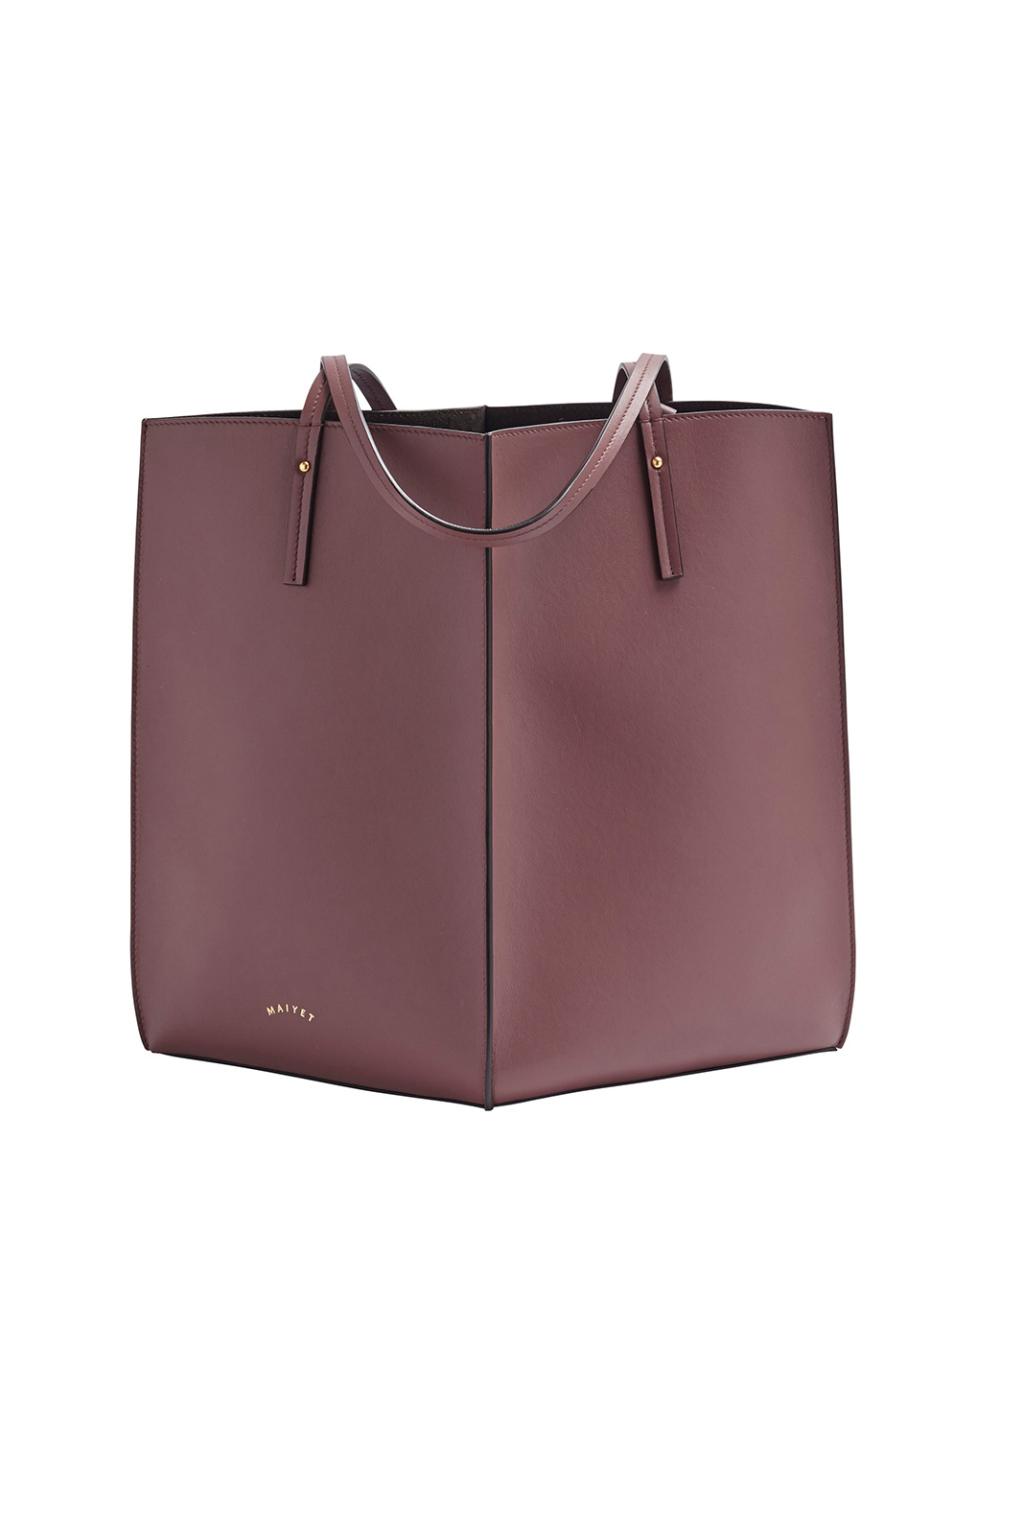 Большие сумки: модные тренды - сумка из коллекции Maiyet.